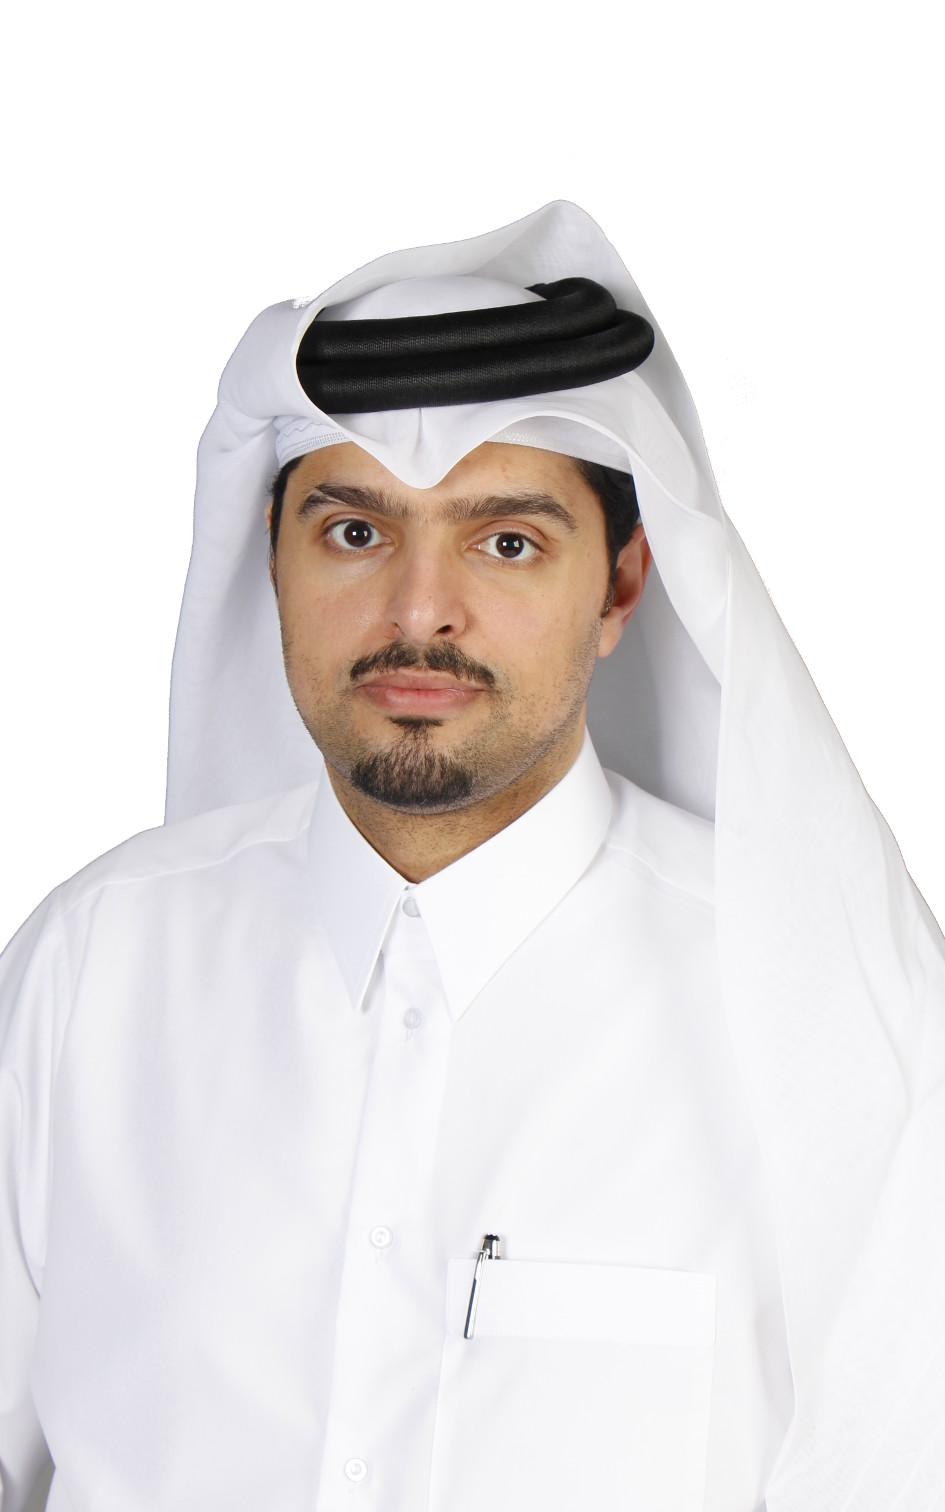 Sheikh Hamad Al-Thani